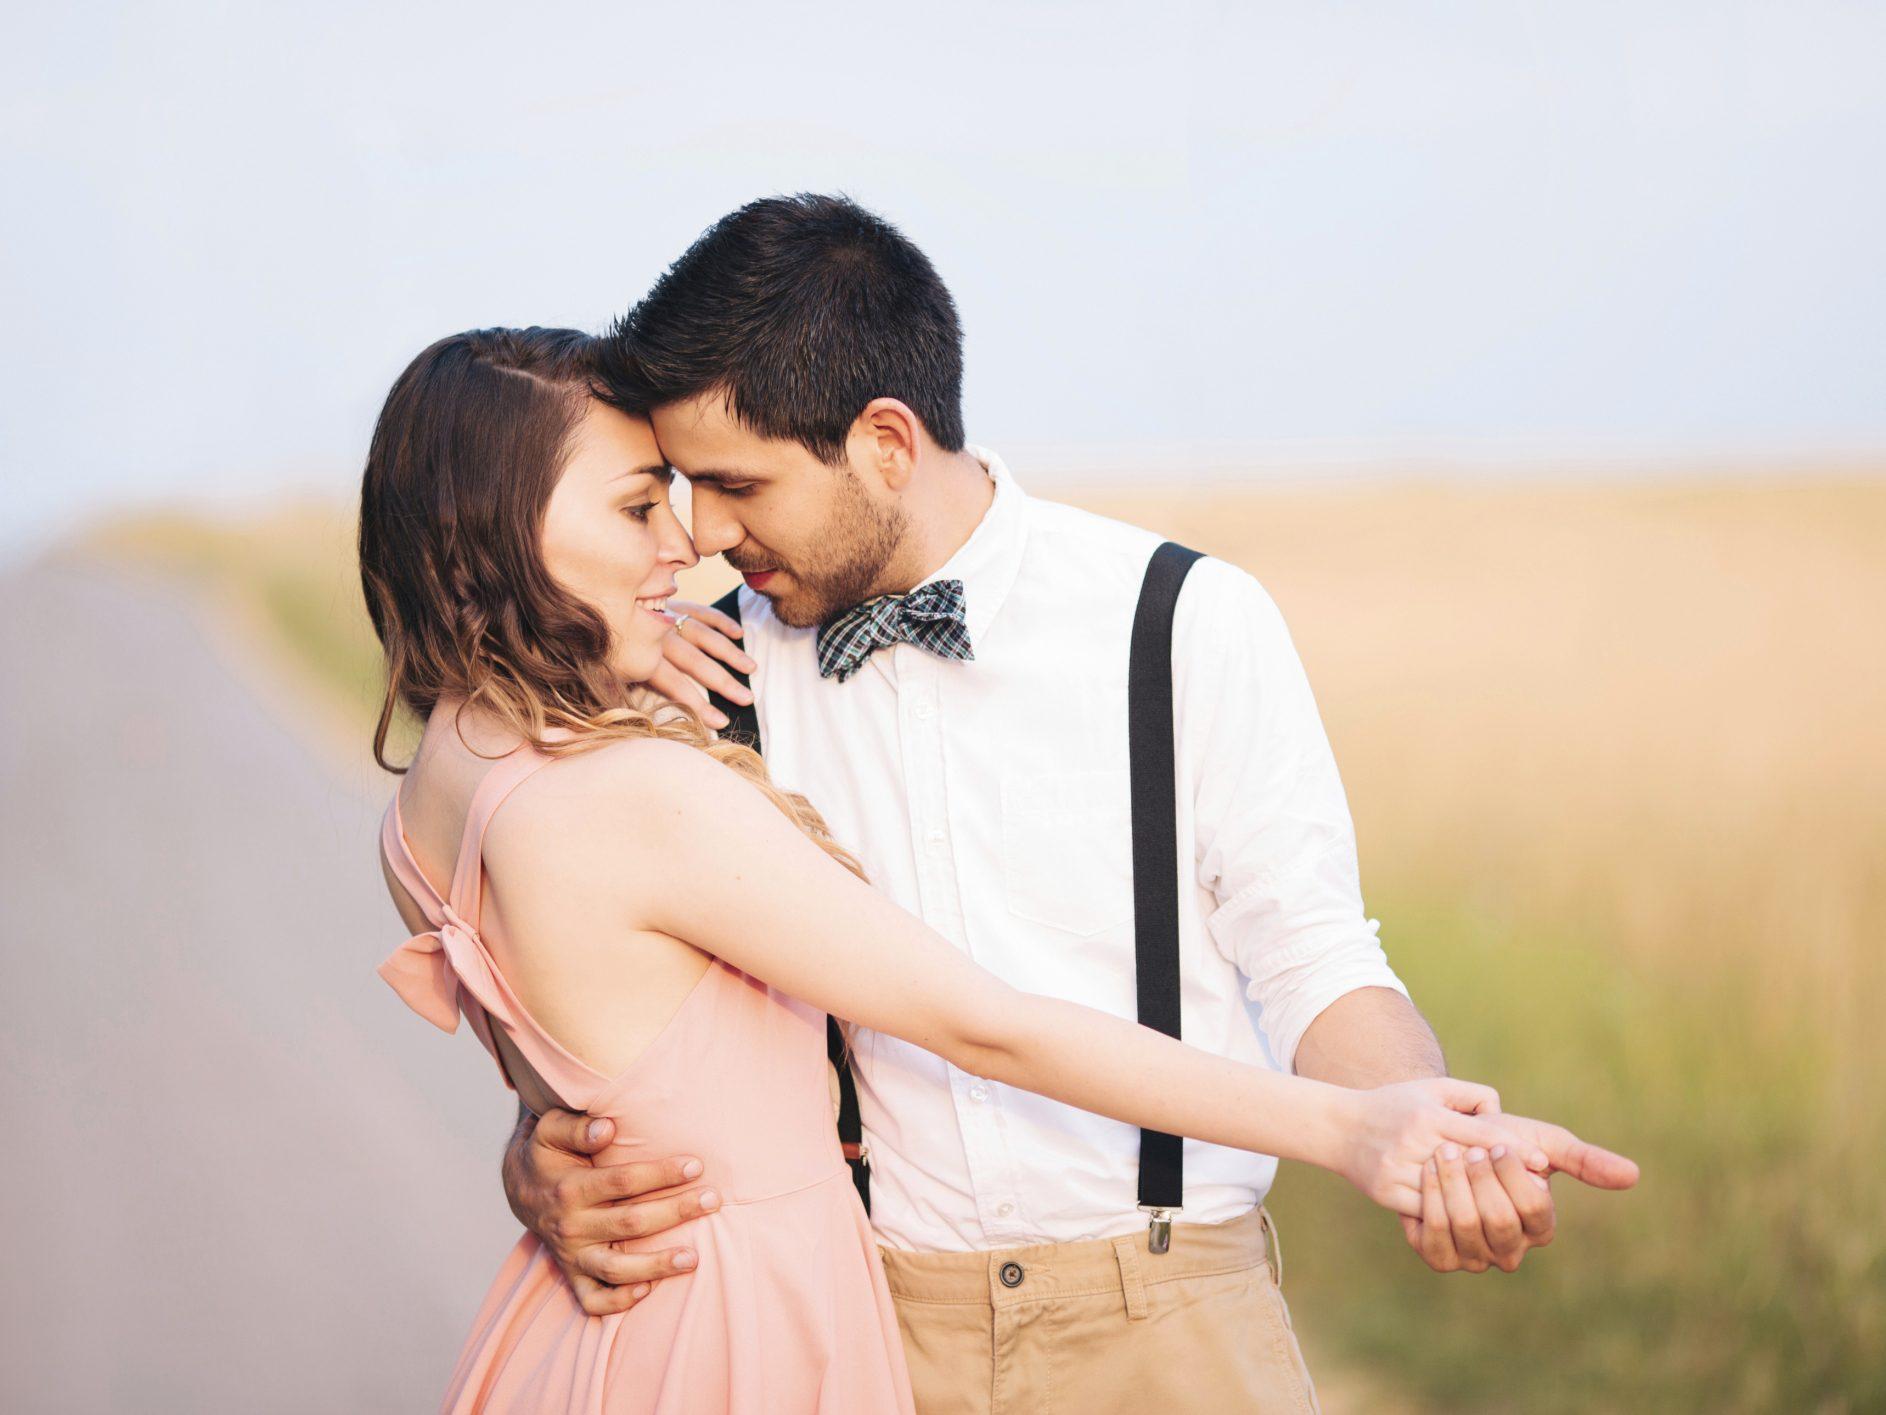 4. Posez-vous la question : est-ce bon pour notre relation?